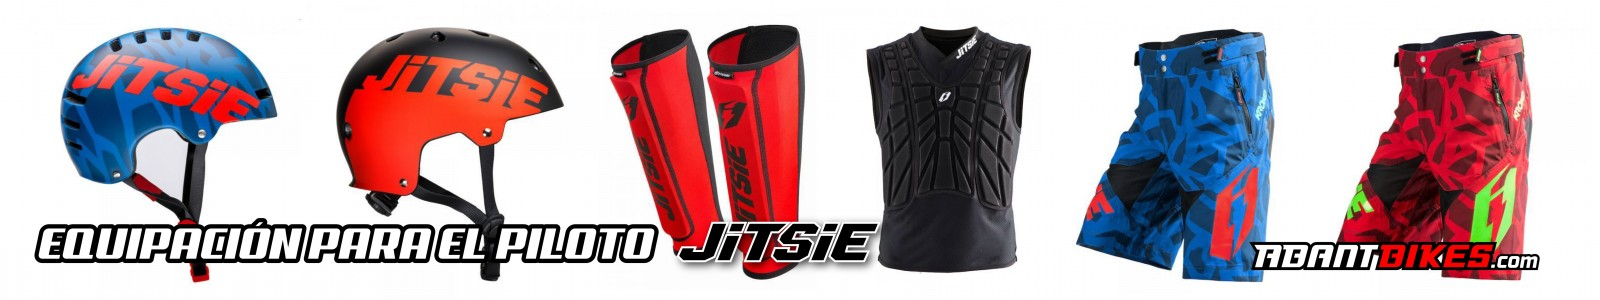 ofertas-descuentos-especiales-promocion-casco-ropa-jitsie